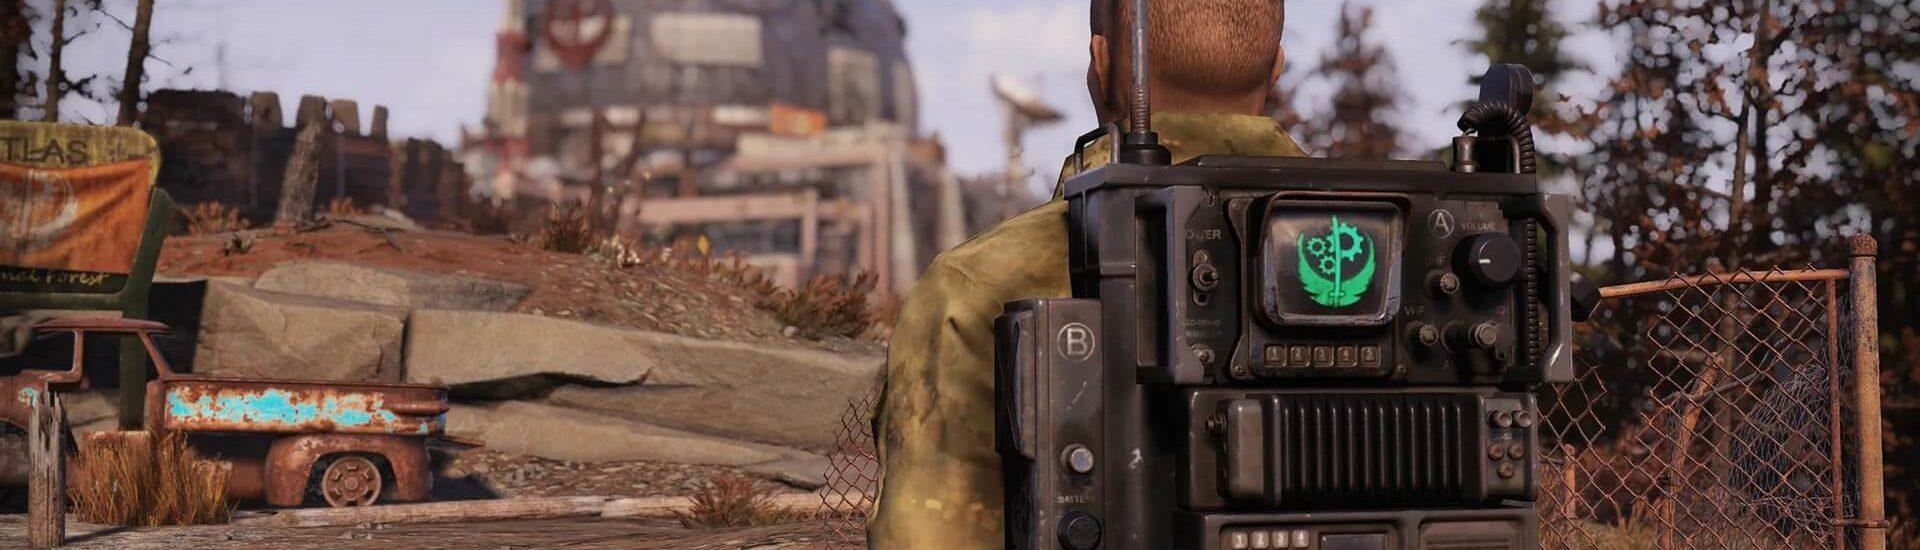 Übersichtlicheres Inventar: Fallout 76 erfüllt Community-Wunsch